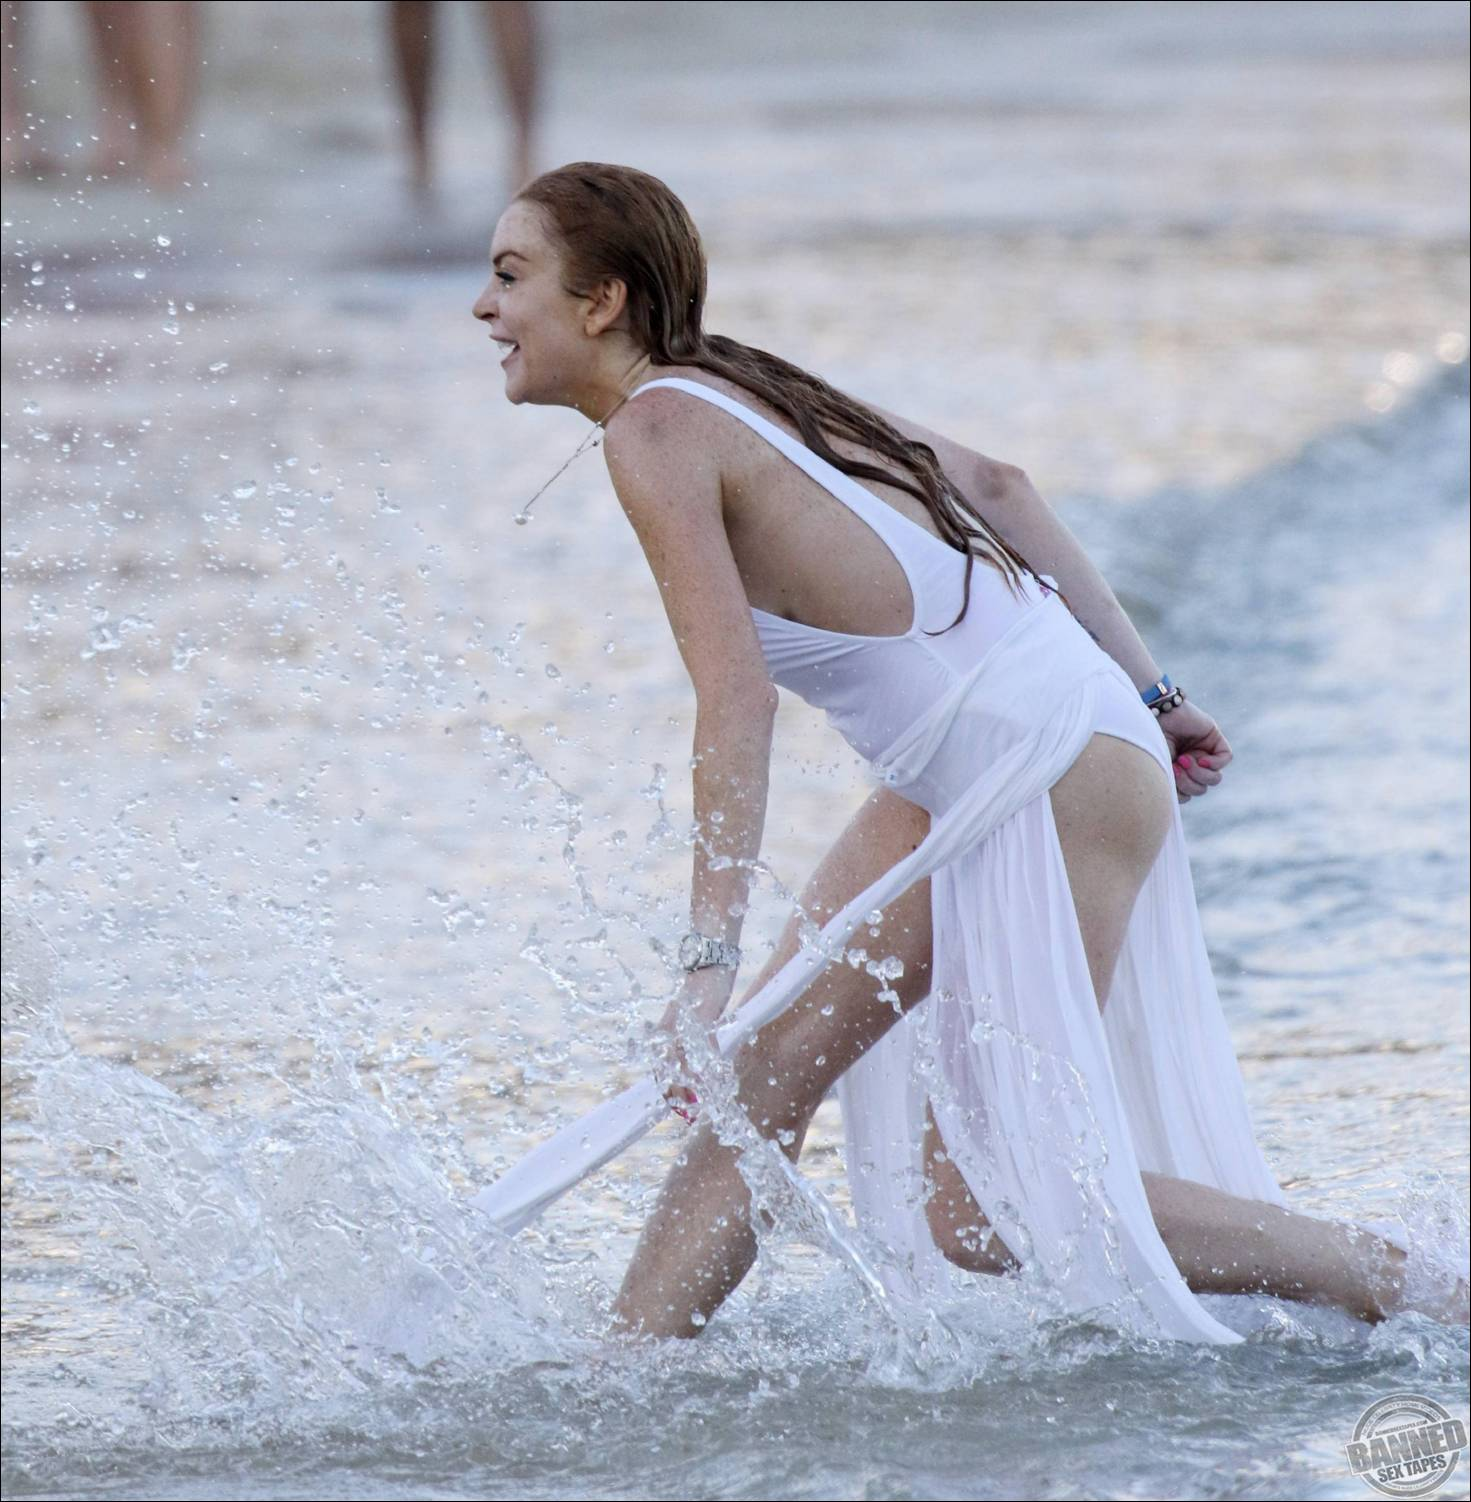 Lindsay Lohan Adult 82